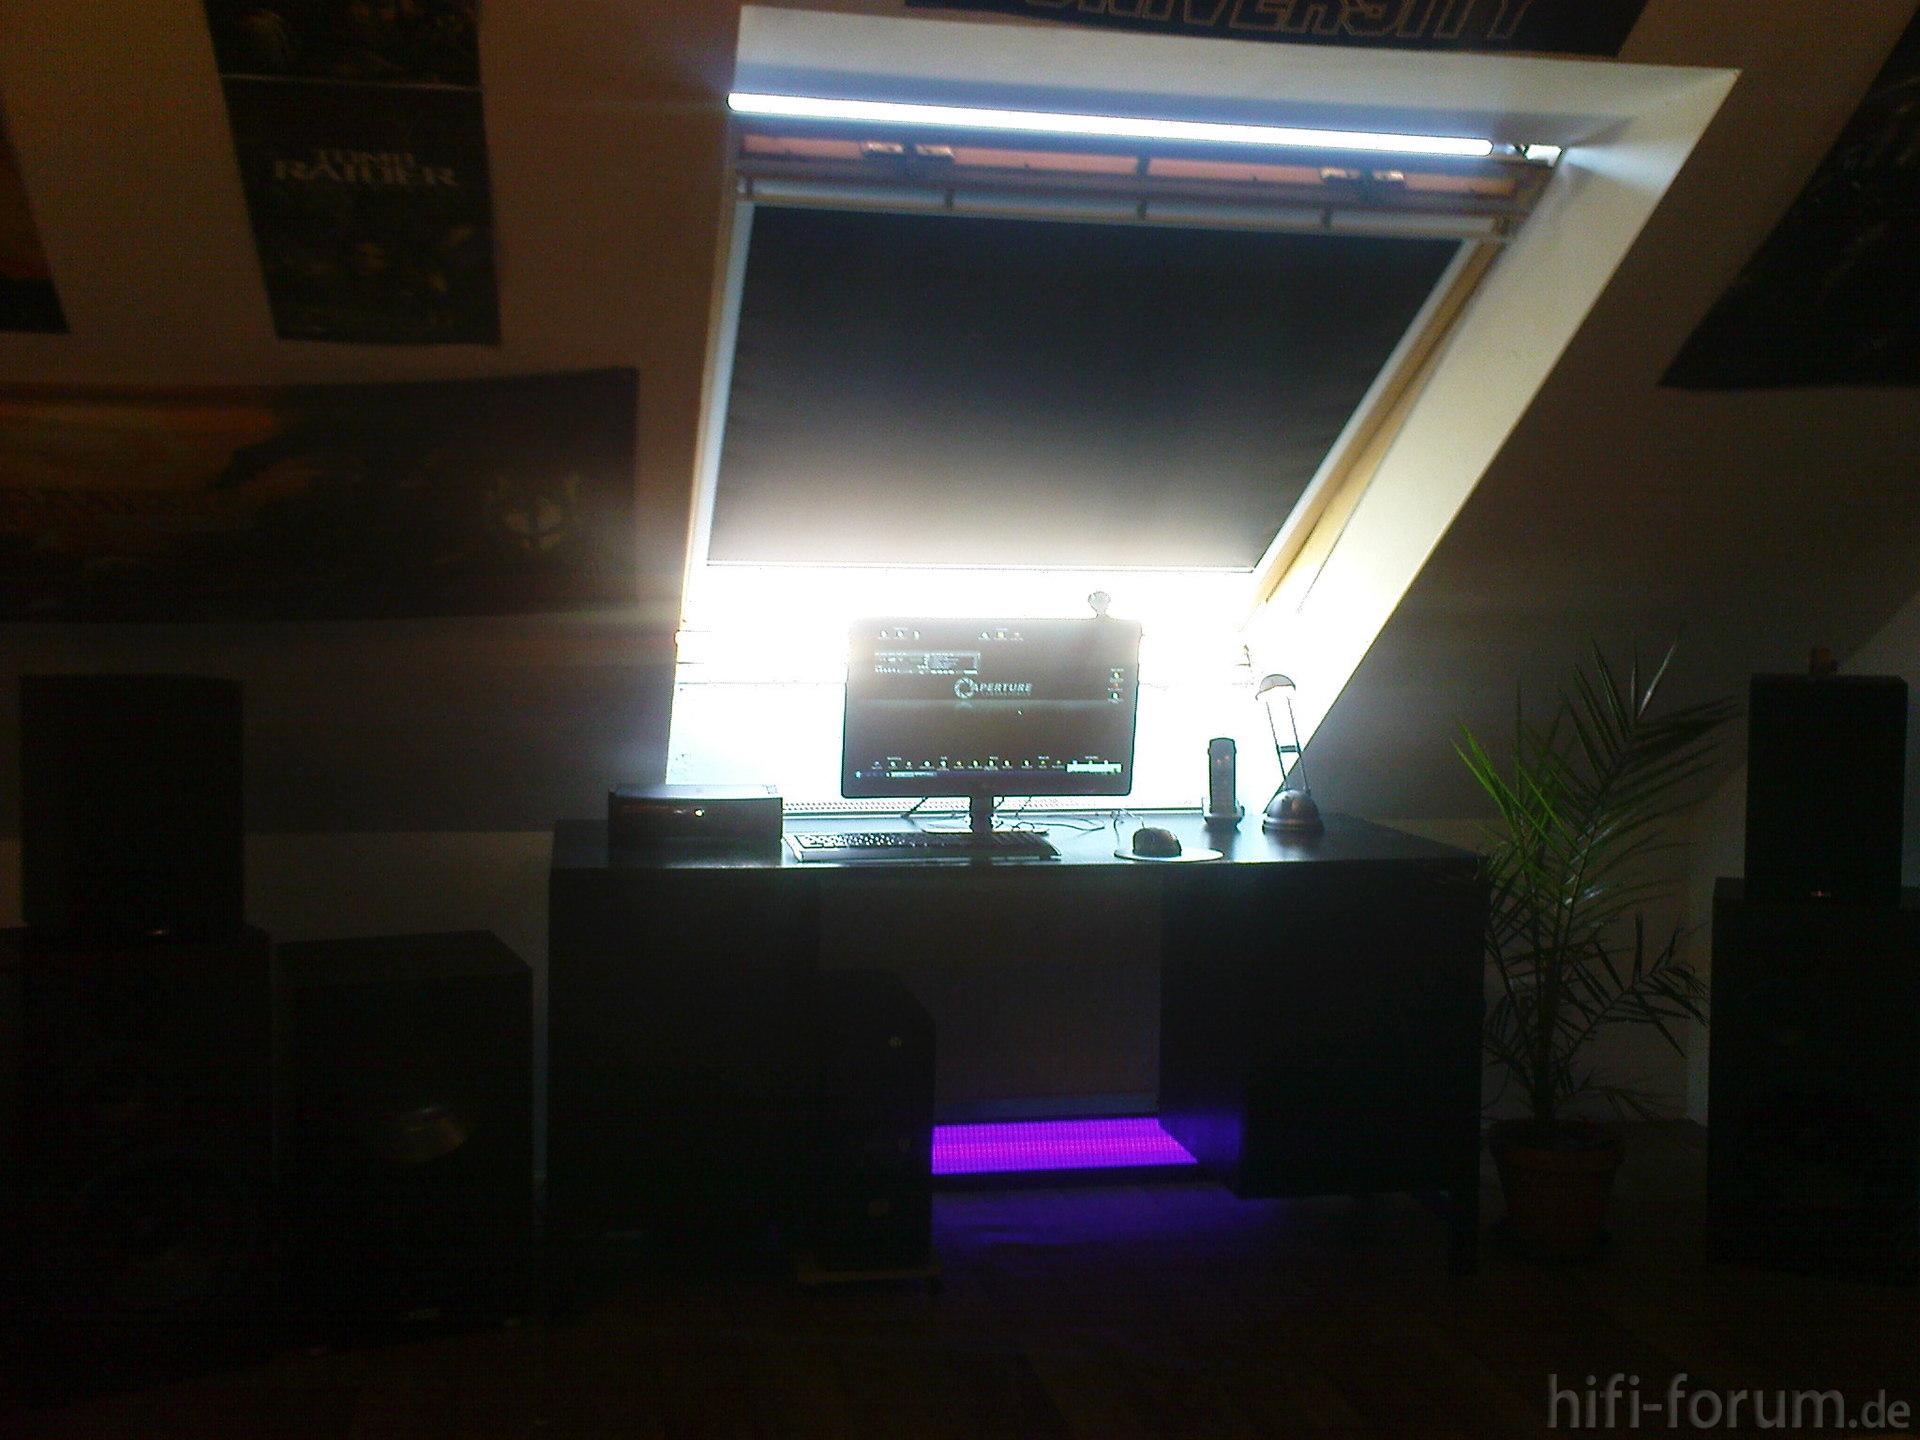 alter schreibtisch alter canton heimkino nubert pc schreibtisch hifi bildergalerie. Black Bedroom Furniture Sets. Home Design Ideas